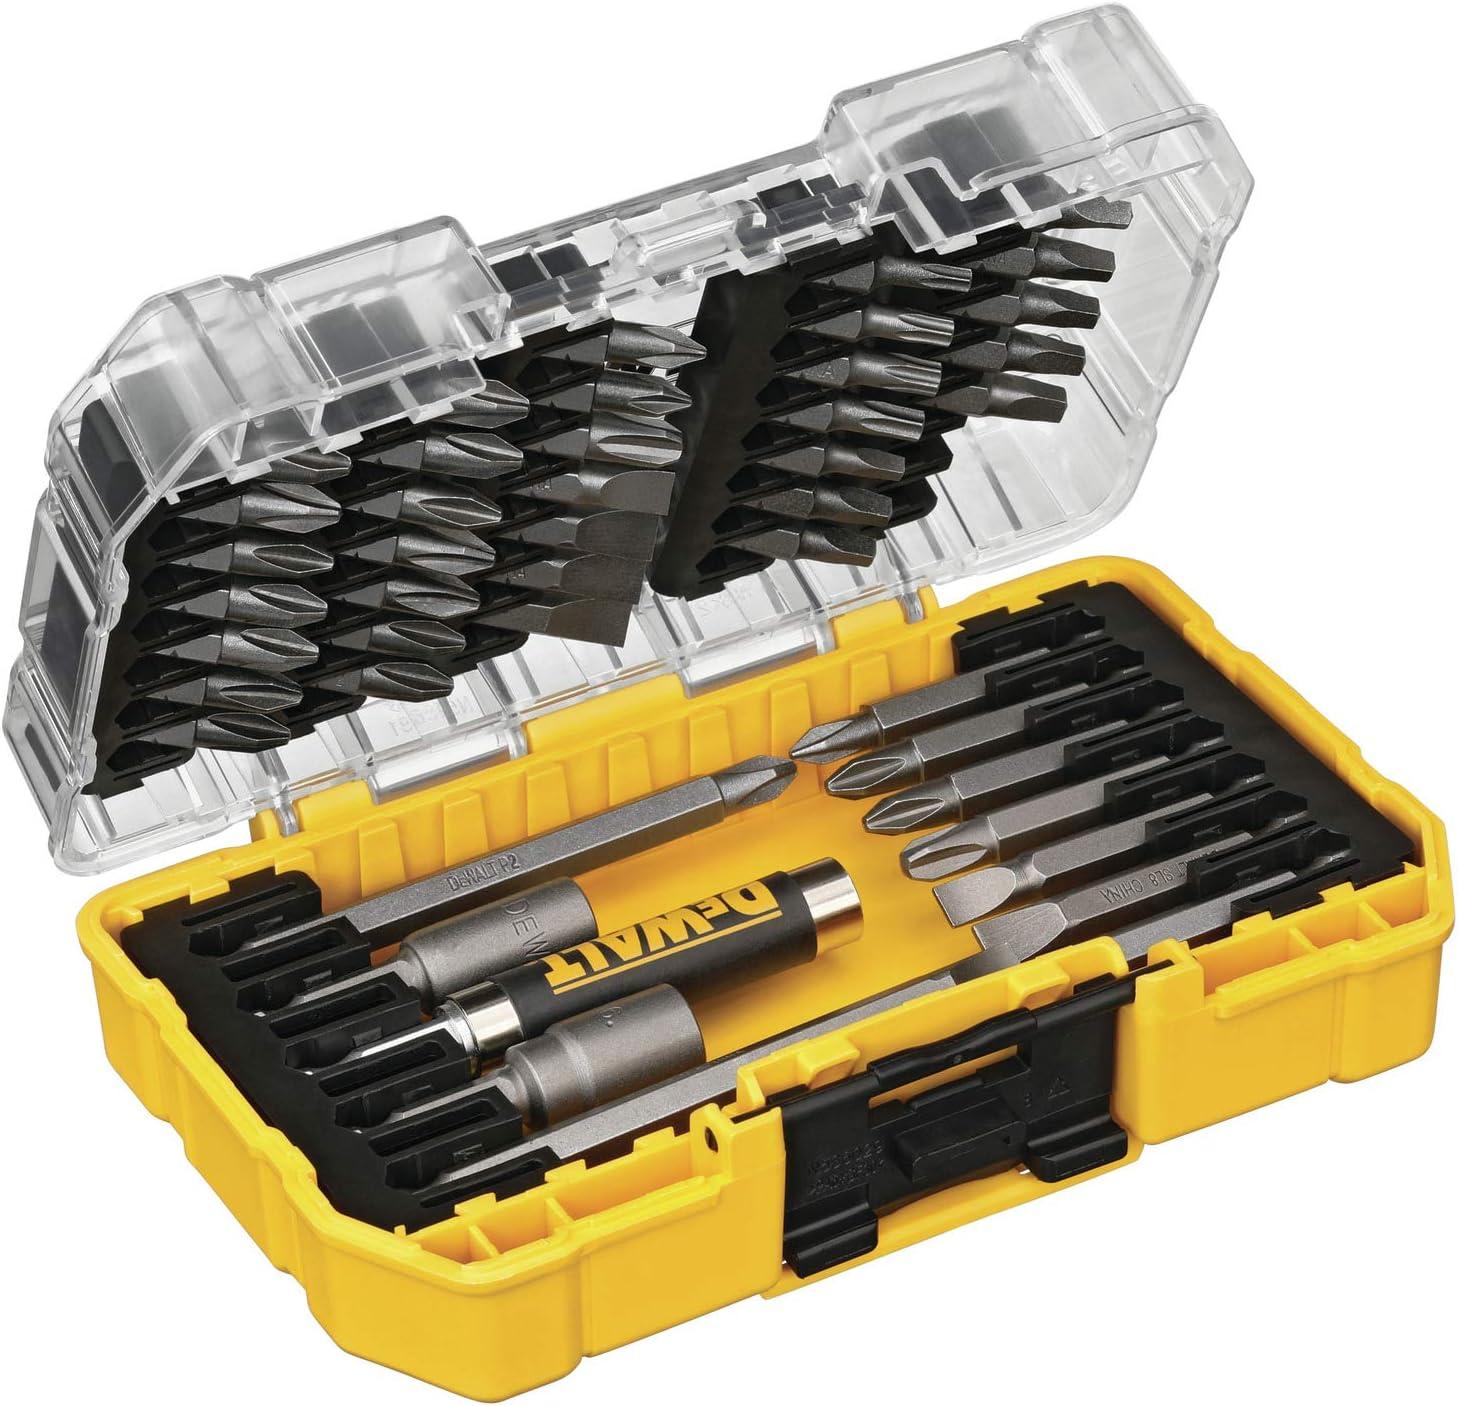 DEWALT Titanium Drill Bit Set 45-Piece DW1361 21-Piece Pilot Point DW2166 /& Screwdriver Bit Set with Tough Case